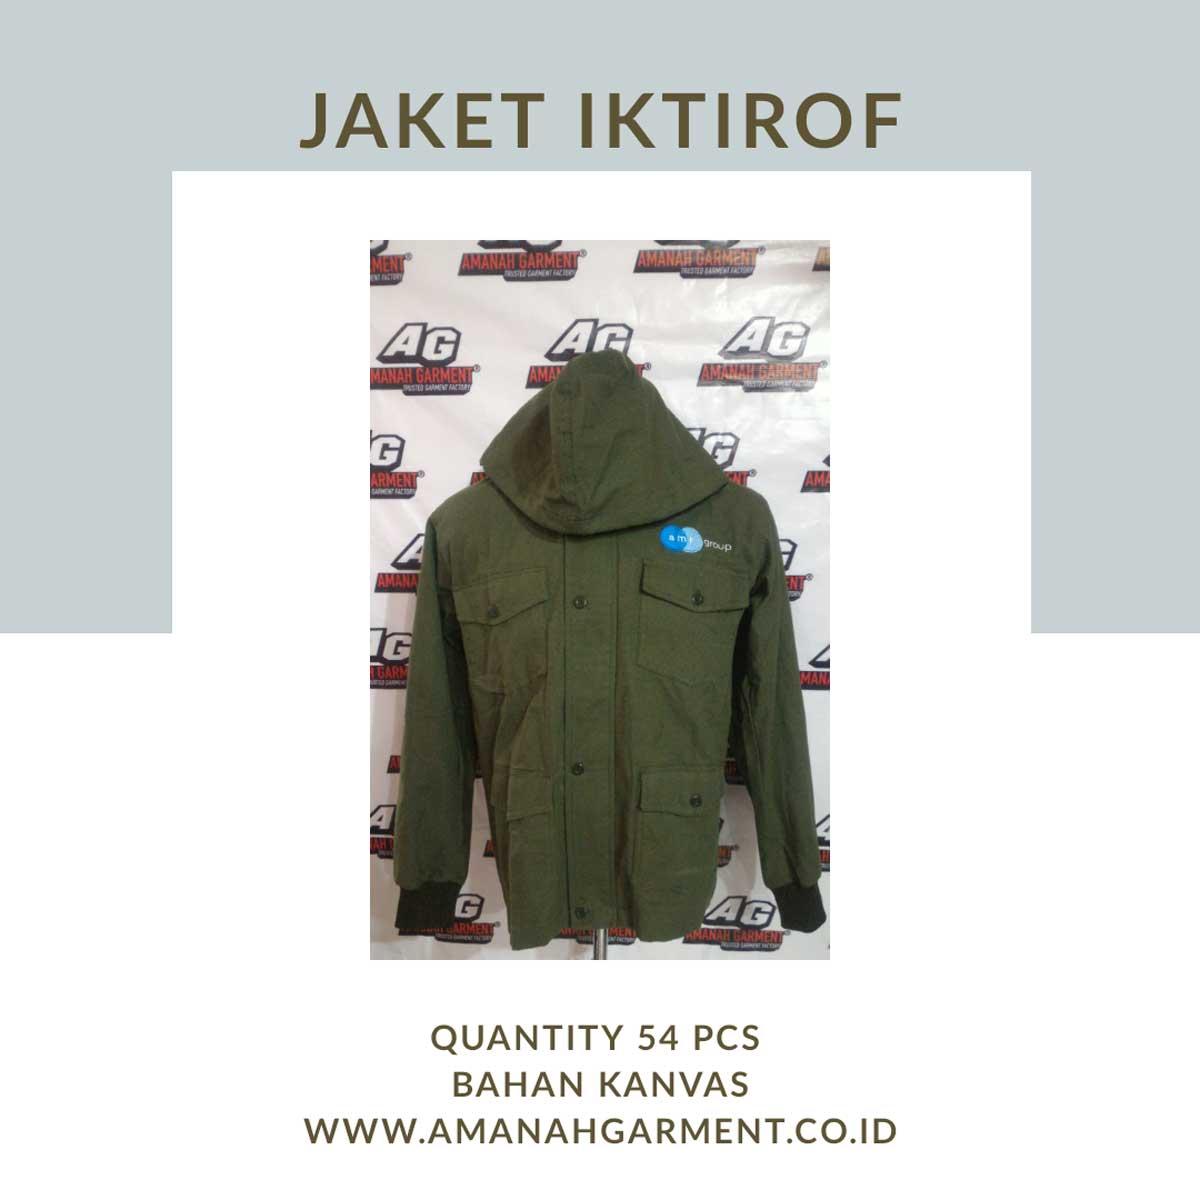 produksi jaket Jakarta